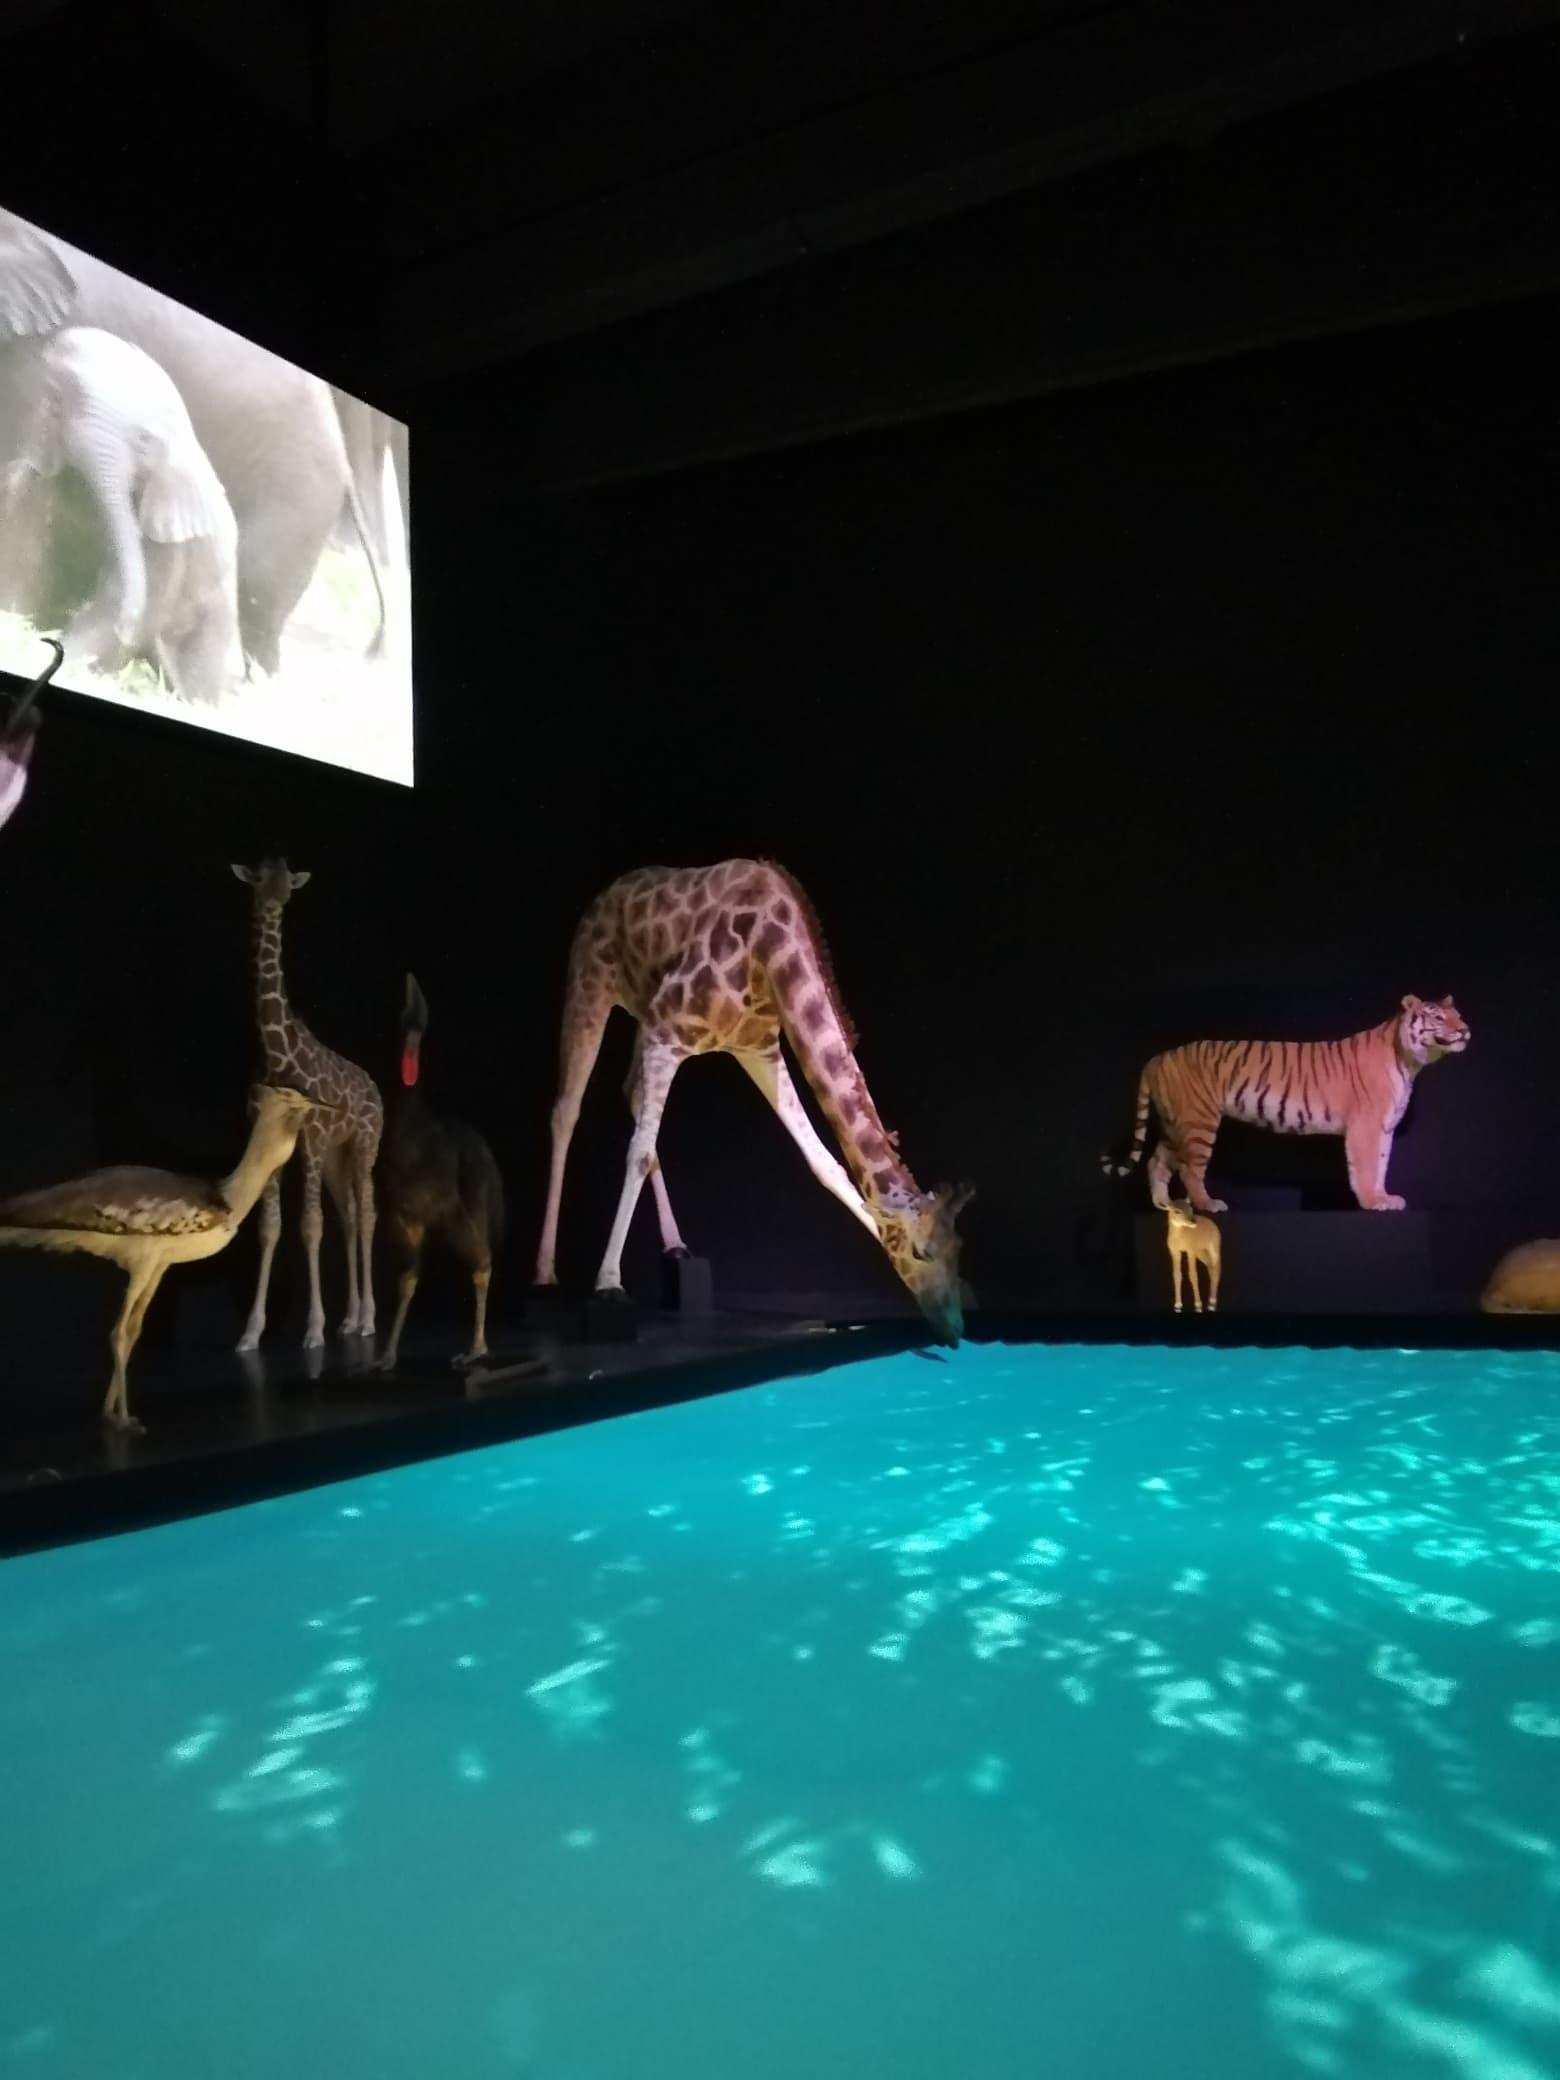 Huidpreparaten | drinkende giraffe III | Naturalis Biodiversity Center